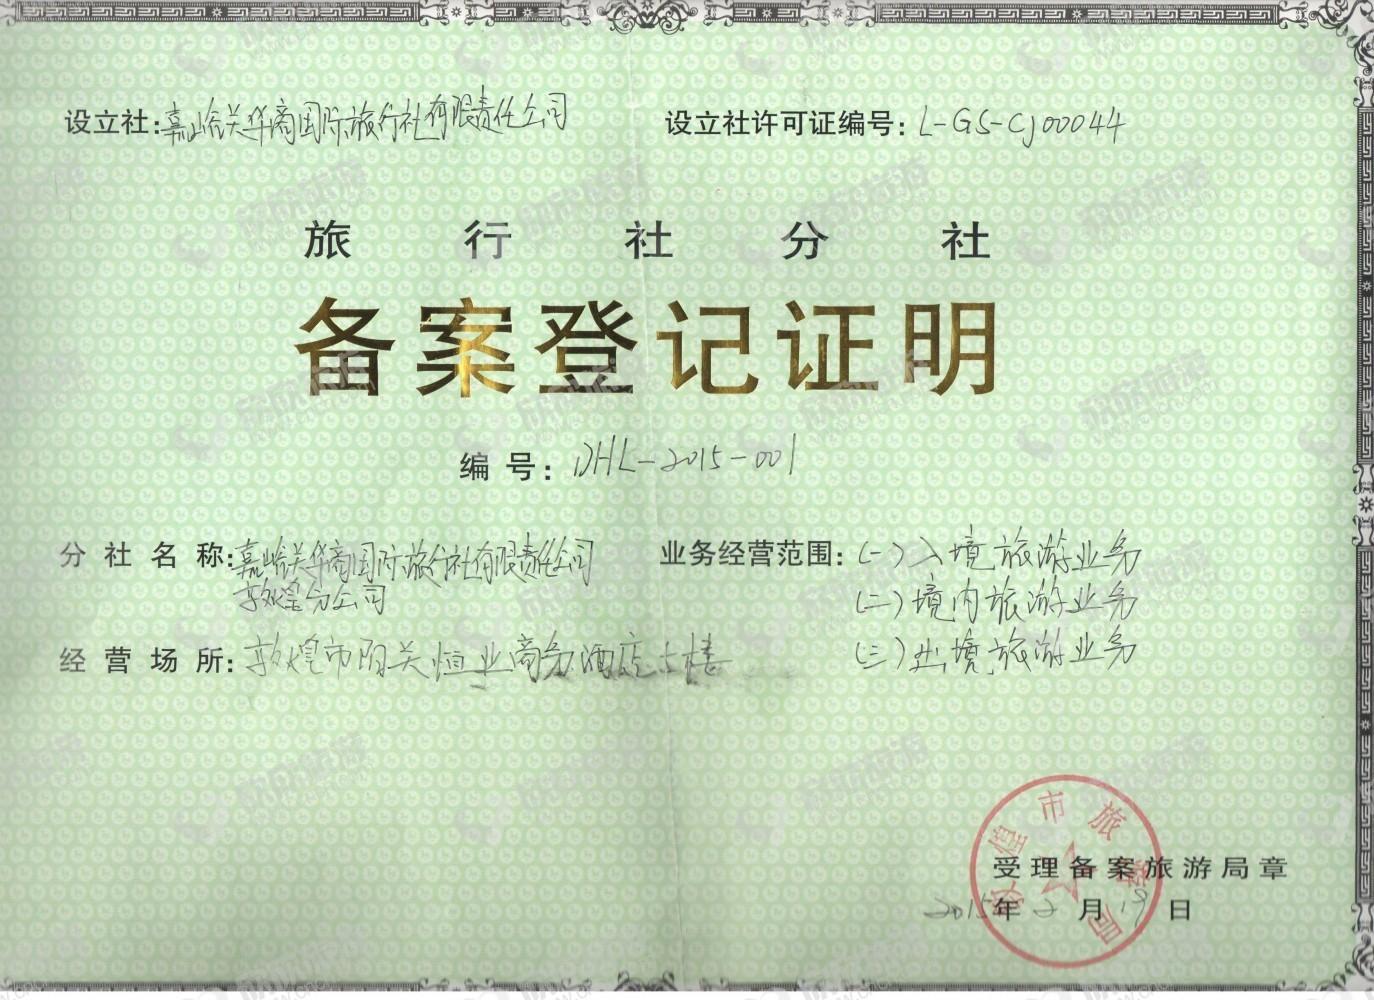 嘉峪关市华商国际旅行社有限责任公司敦煌分公司经营许可证